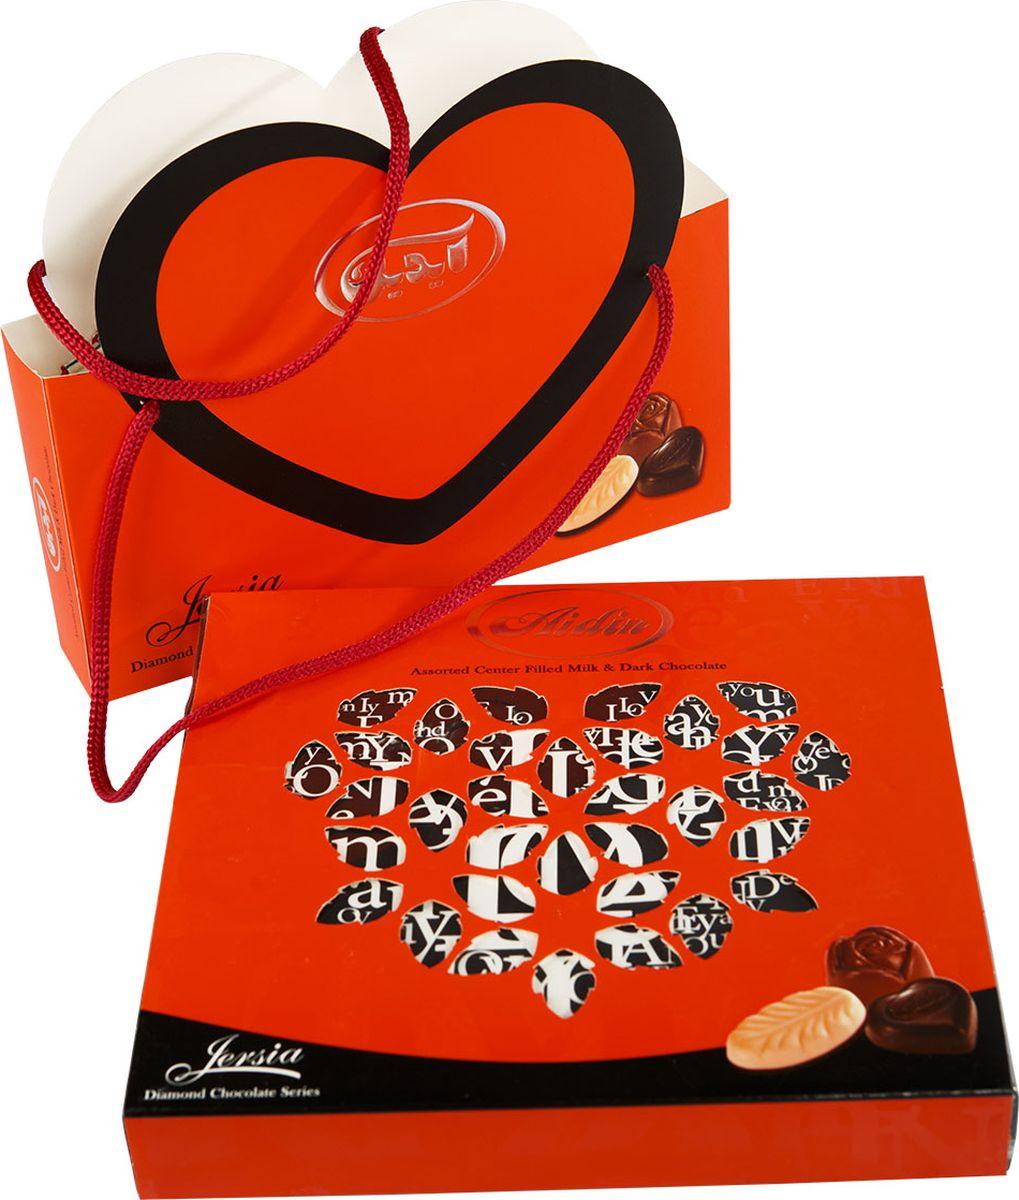 Aidin конфеты ассорти из темного и молочного шоколада, 195 г6260109280589Шоколад - одно из самых популярных лакомств. Компания Aidin начинает свою историю с 1945 года. Покупая продукцию Aidin, можете быть уверены в том, что в изысканных сладостях соединились вкус и наслаждение. Высокое качество продукции продиктовано строгими законами Исламской республики.